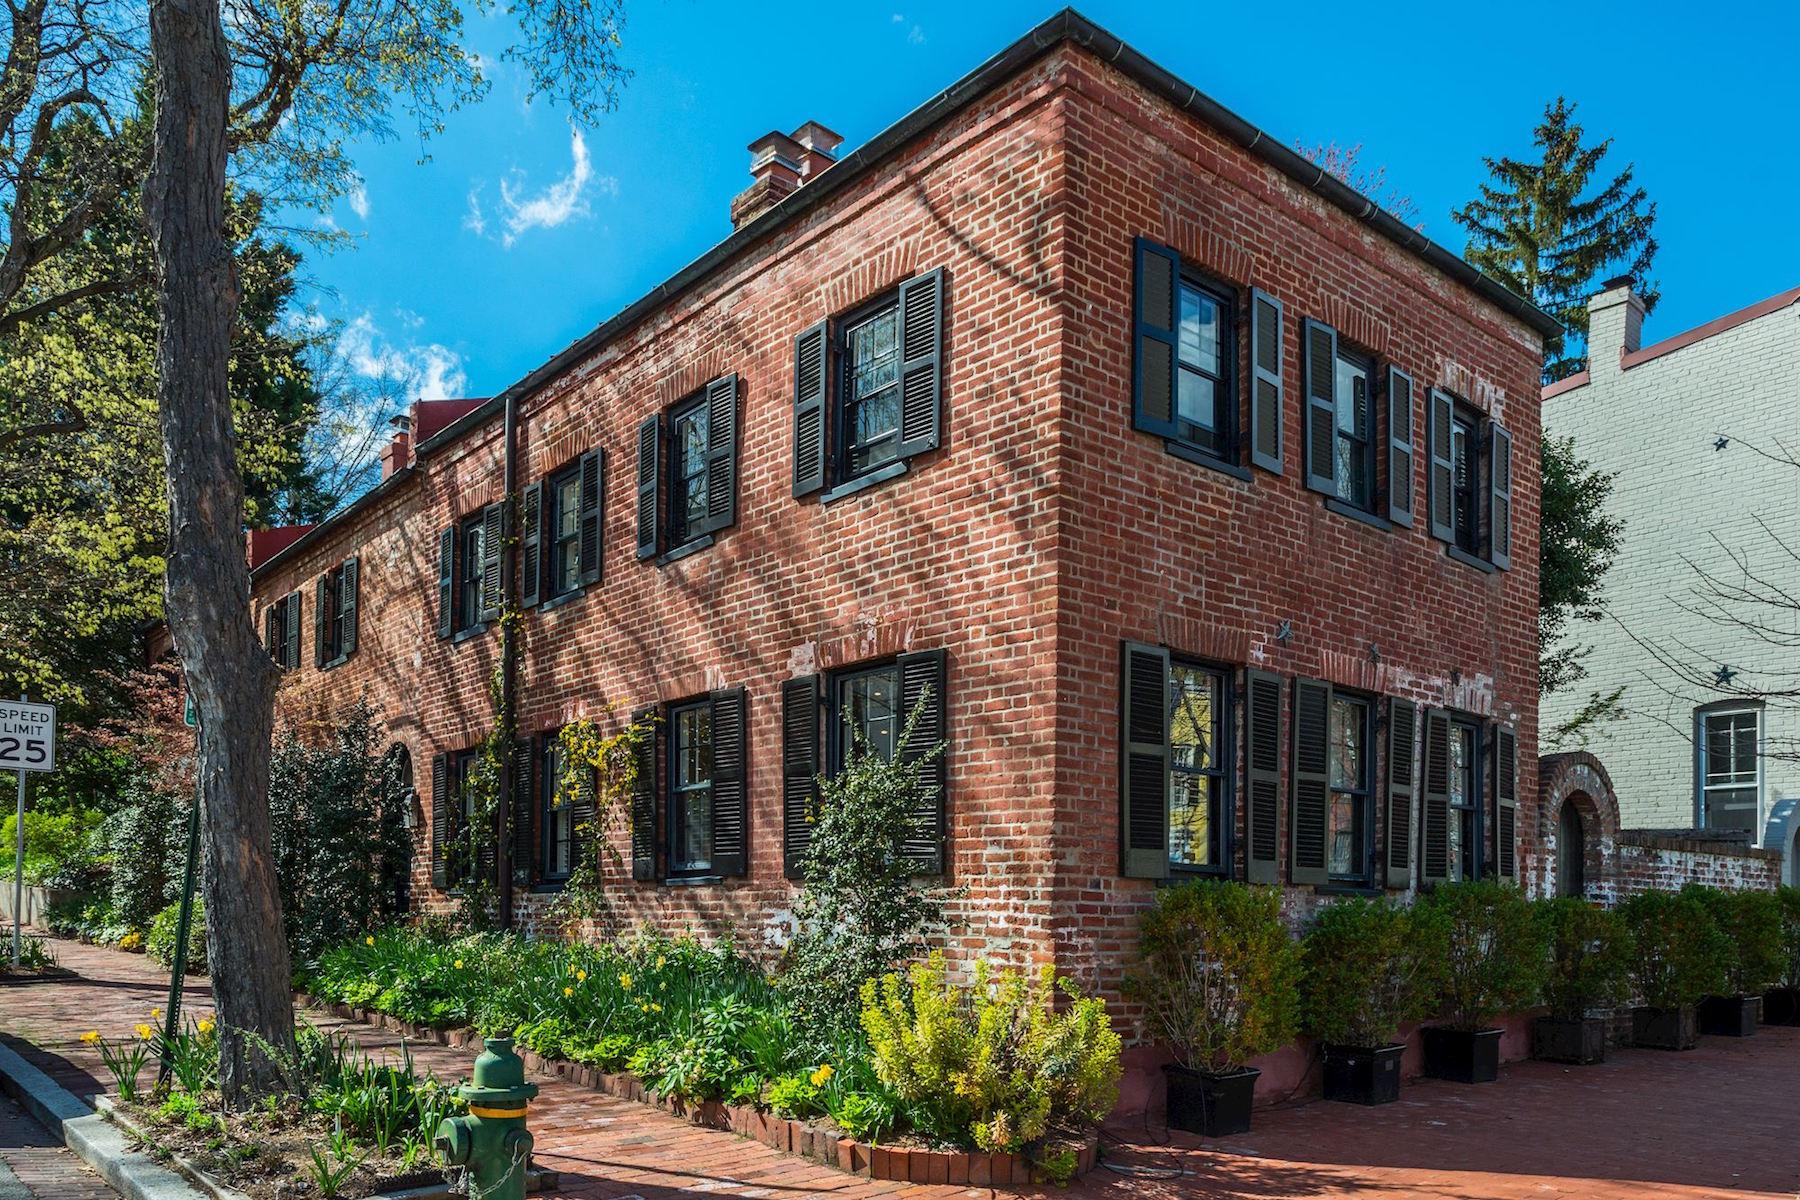 独户住宅 为 销售 在 3303 Volta Place 3303 Volta Place Nw 华盛顿市, 哥伦比亚特区, 20007 美国